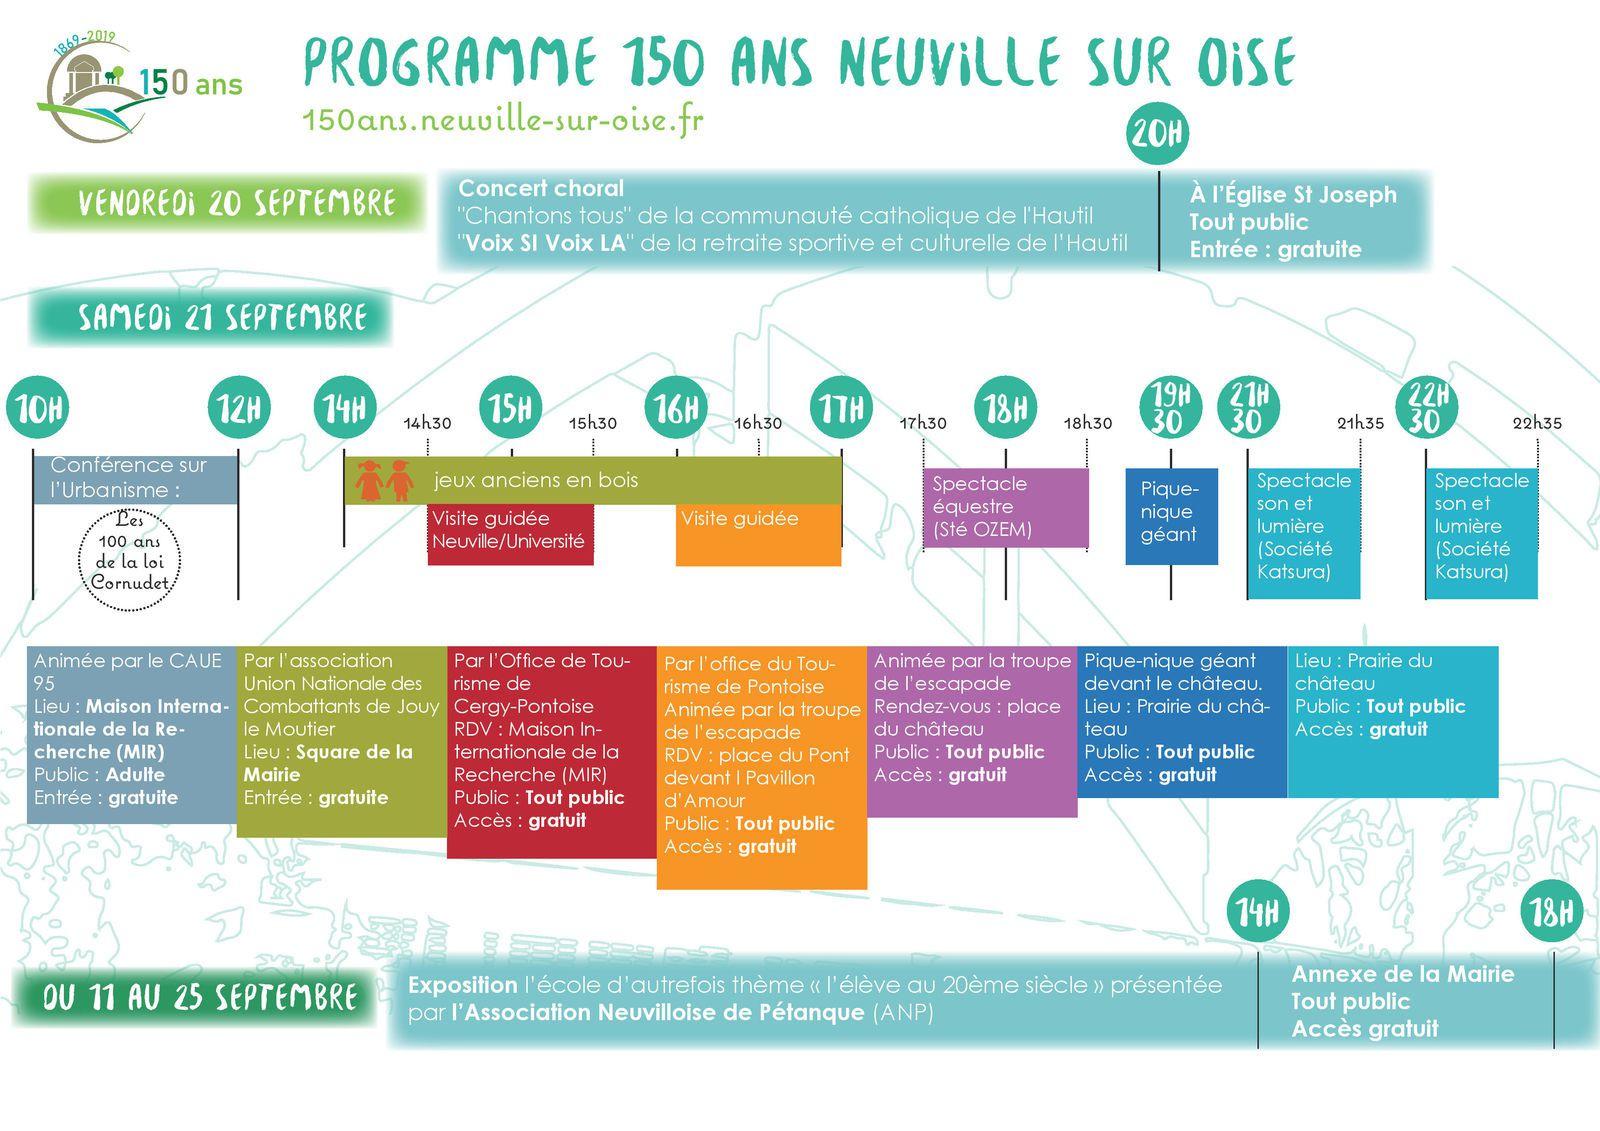 Neuville sur Oise fête ses 150 ans